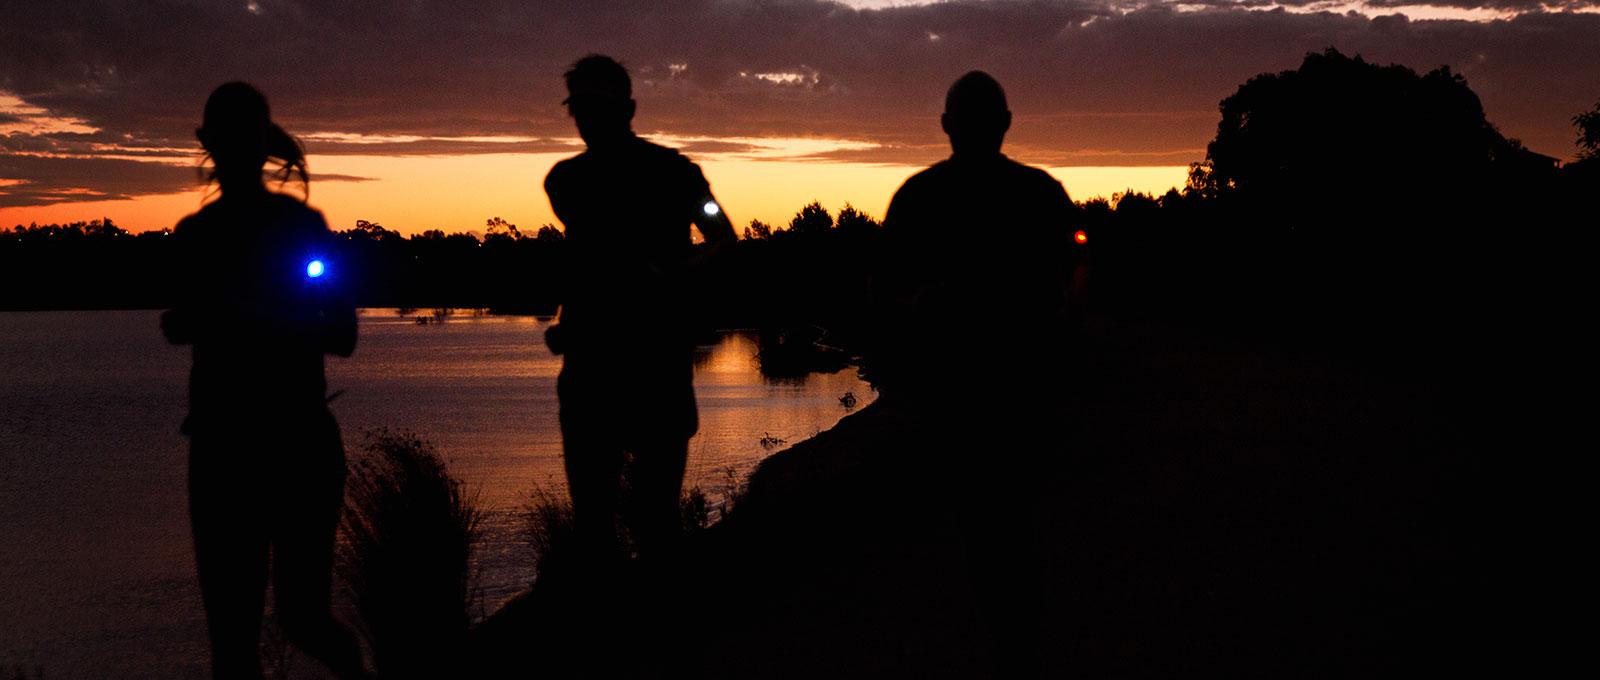 orbiloc_slider_outdoor_run_night